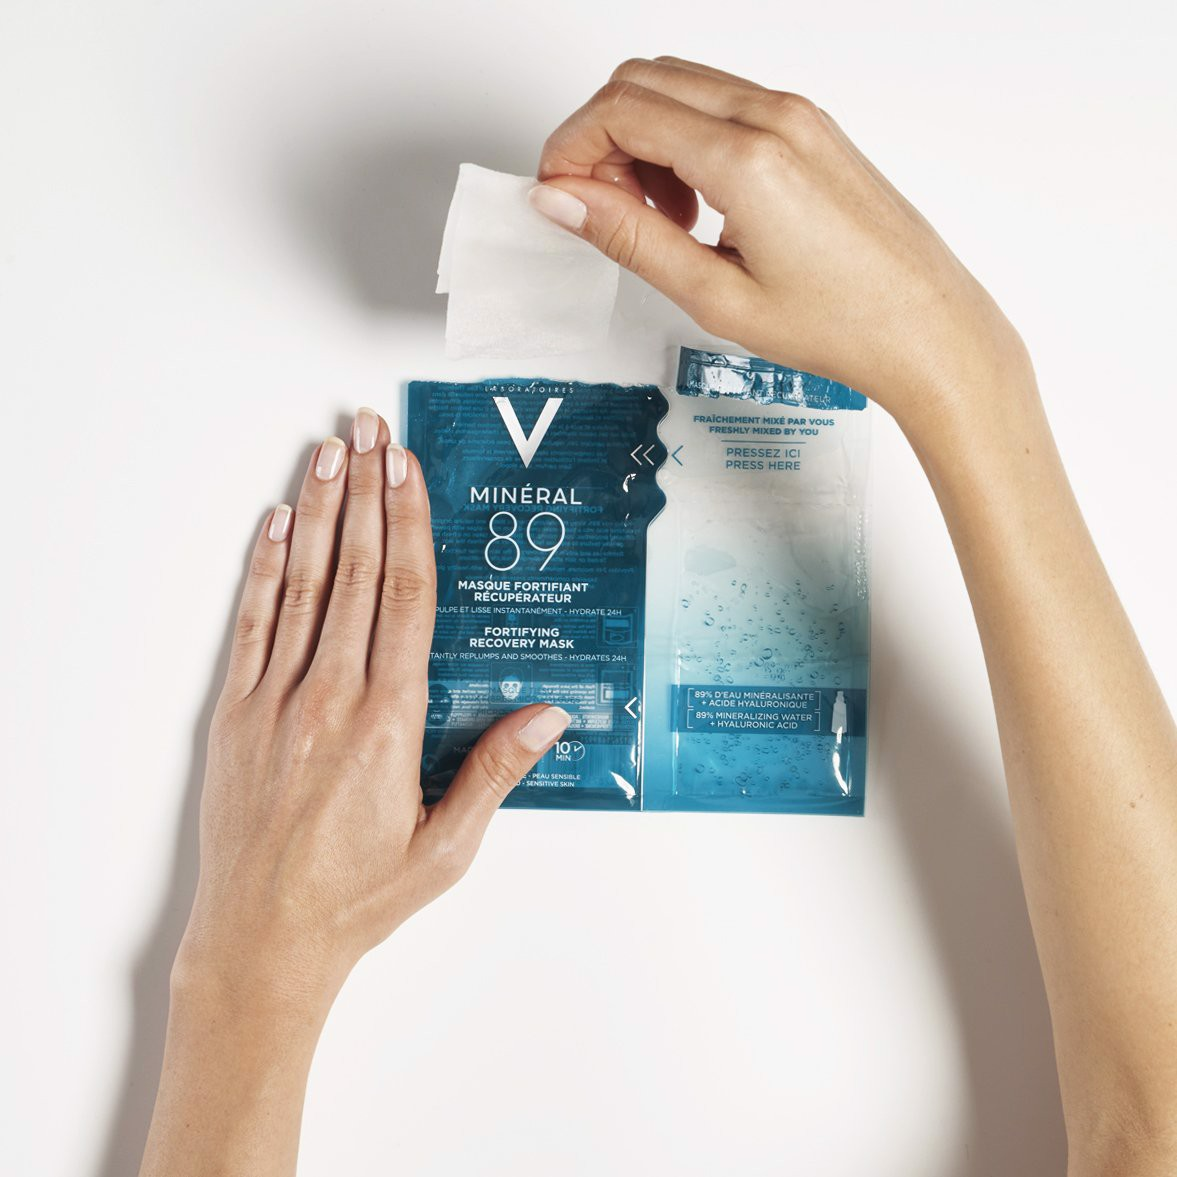 Da sẽ căng bóng như vừa làm liệu trình ở spa nếu bạn chuyển sang dùng mặt nạ giấy 2 ngăn - Ảnh 2.